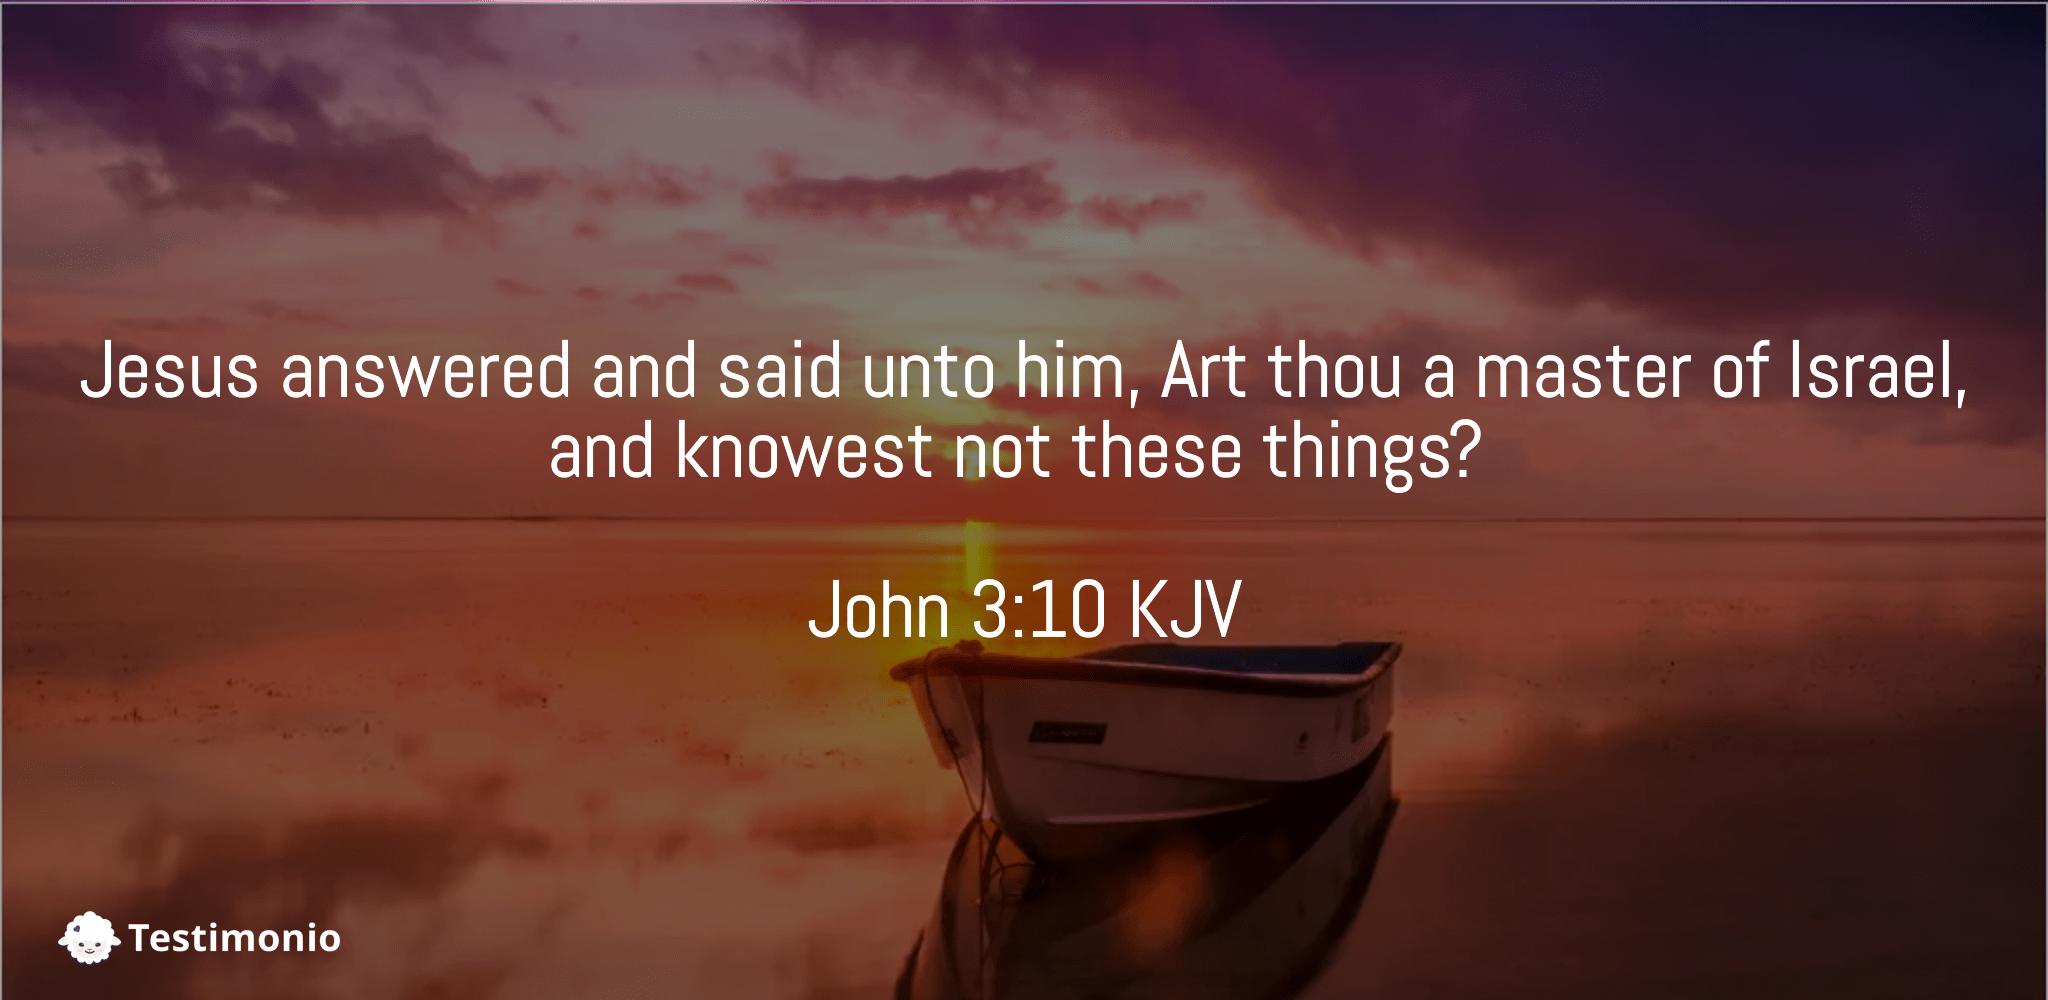 John 3:10